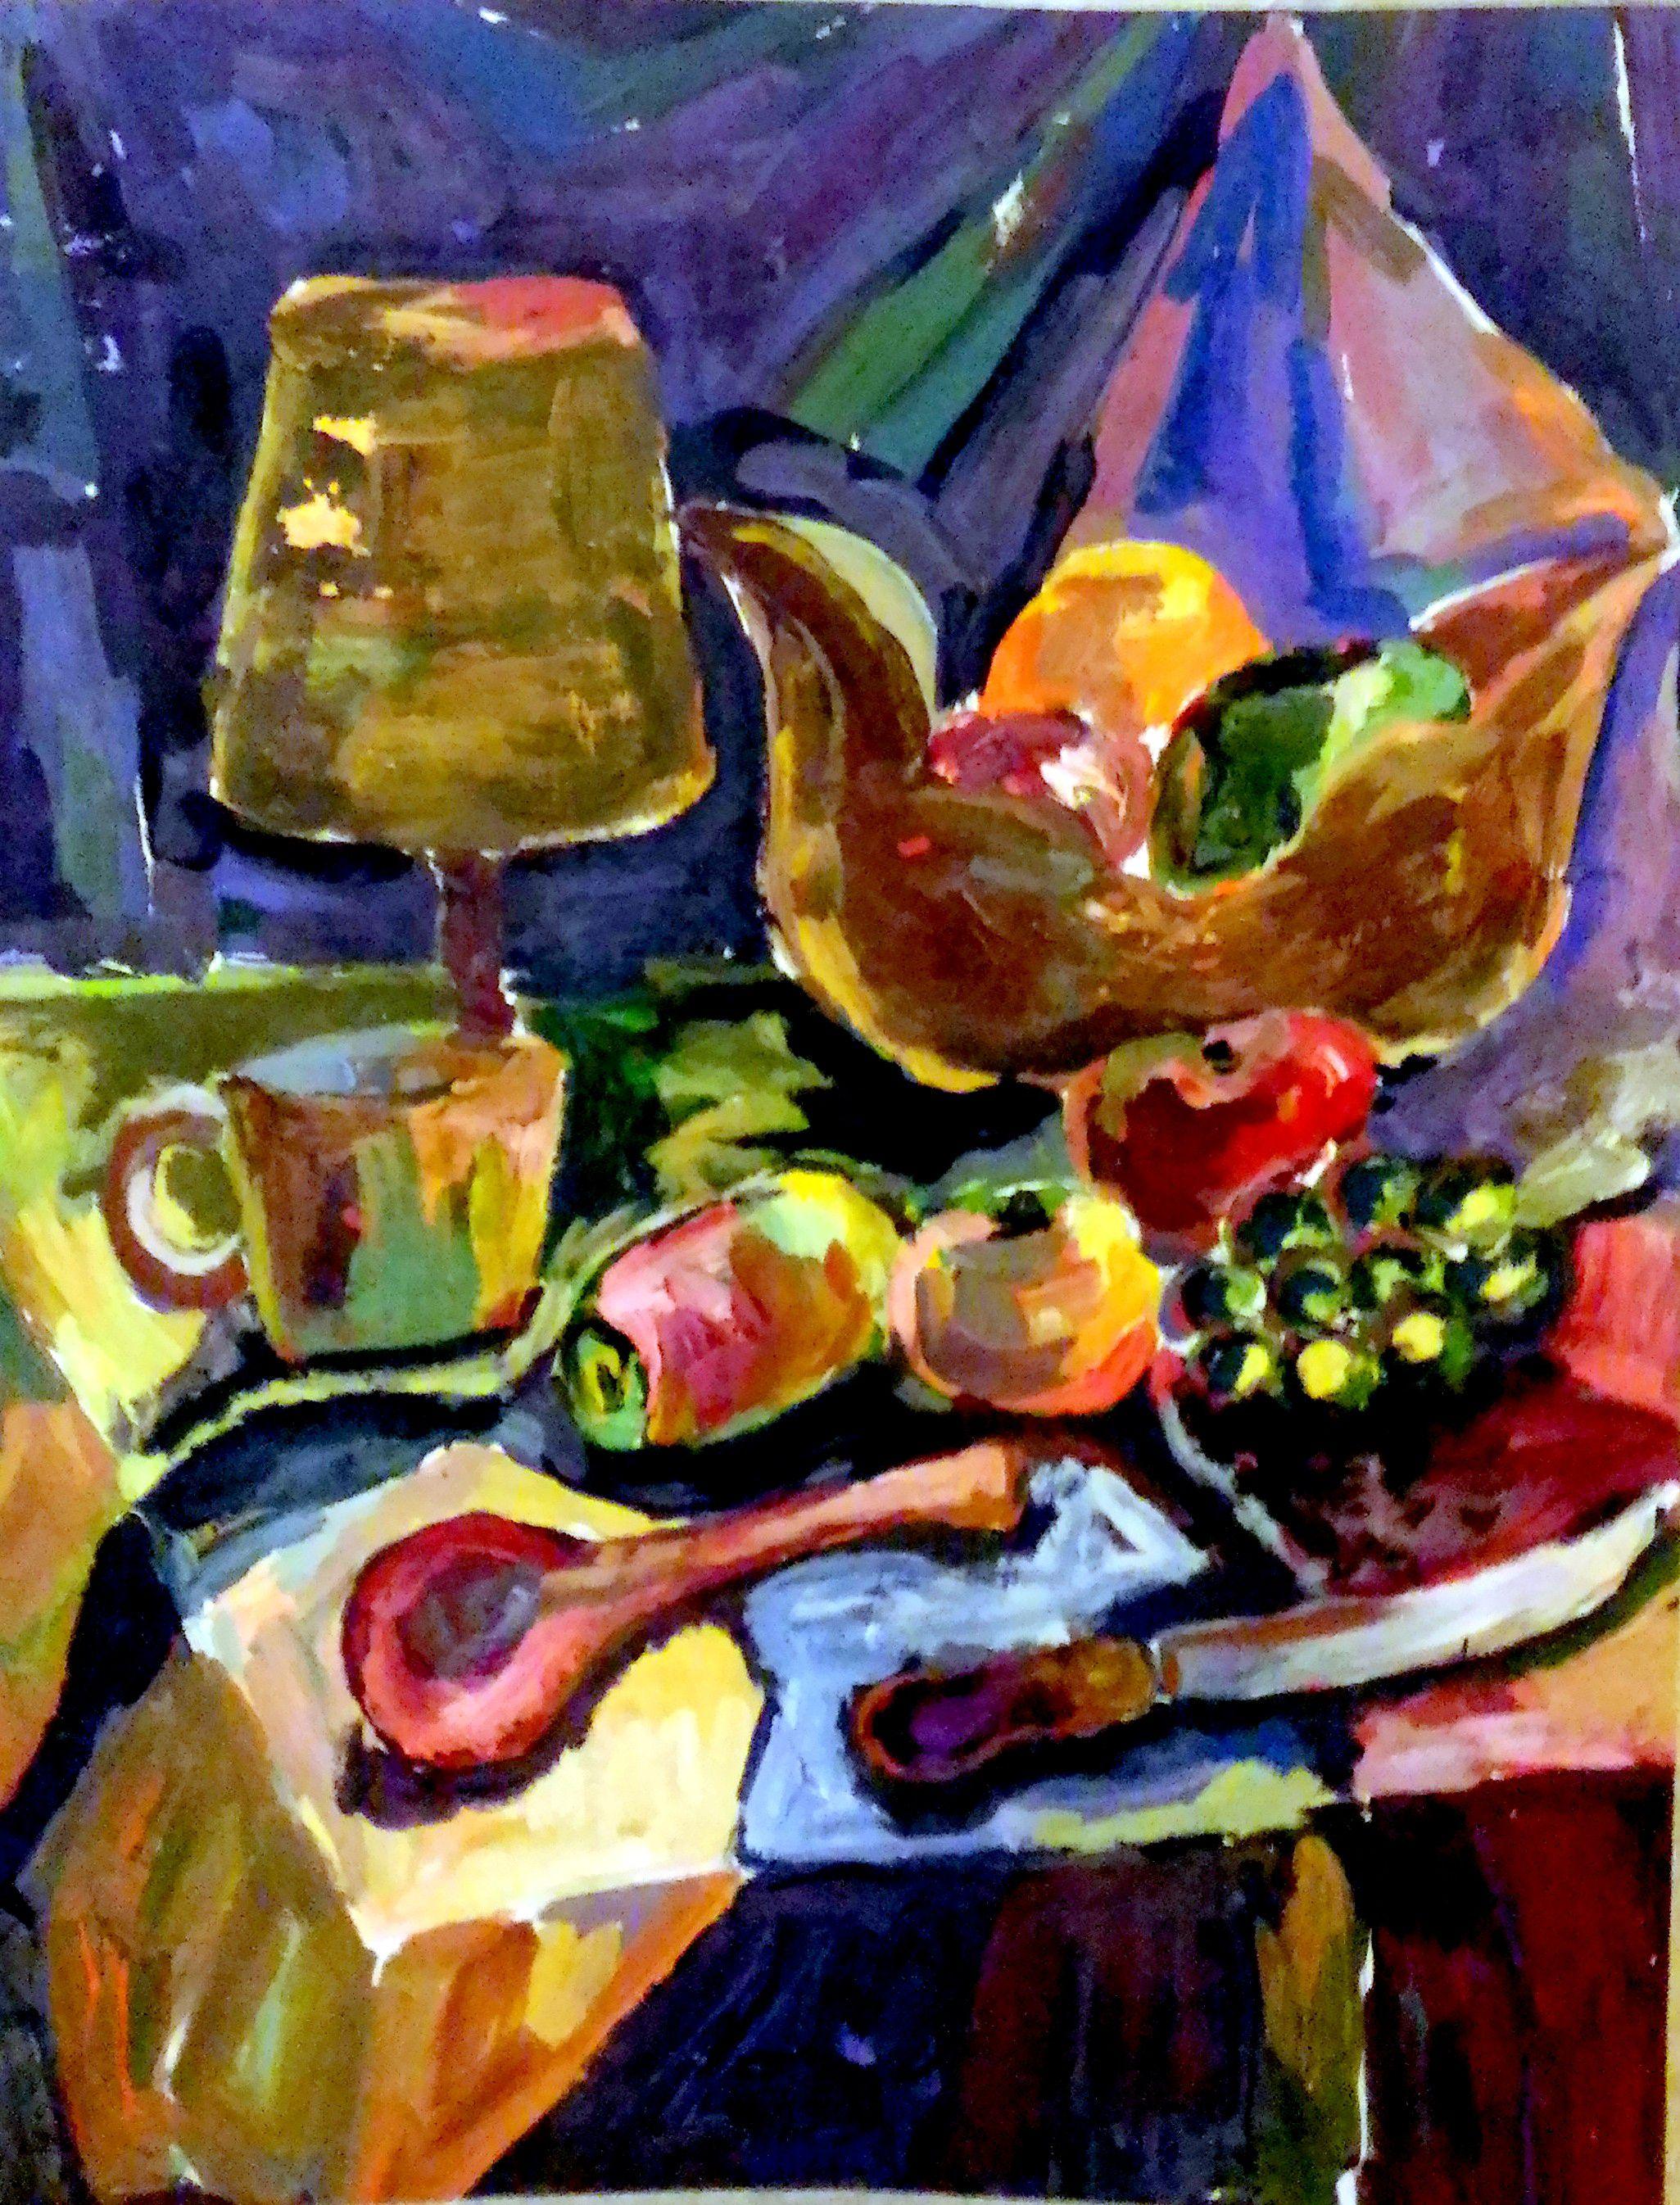 картина современная гуашь постимпрессионизм гоген живопис фрукты натюрморт